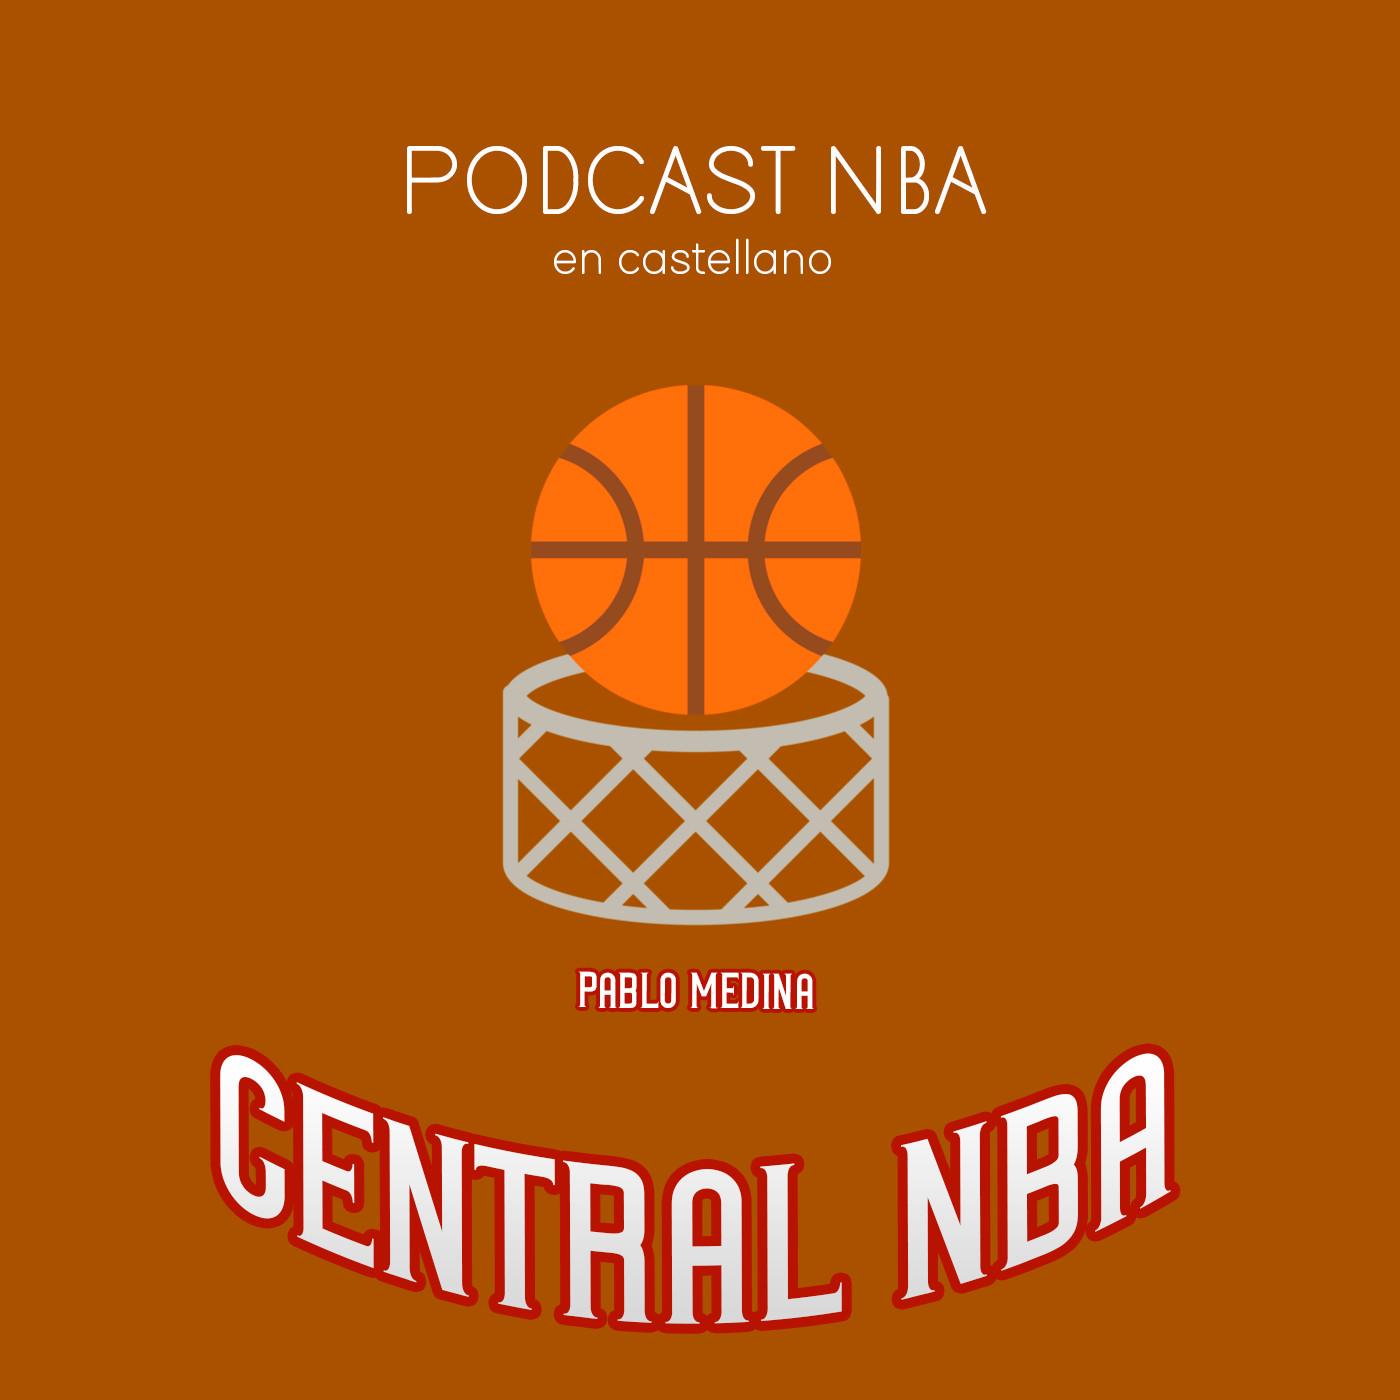 CELTICS VENCEN A RAPTORS, CLIPPERS GANAN A LOS NUGGETS y ANÁLISIS DE LA JORNADA DE MAÑANA - CENTRAL NBA #30 (08/09/2020)